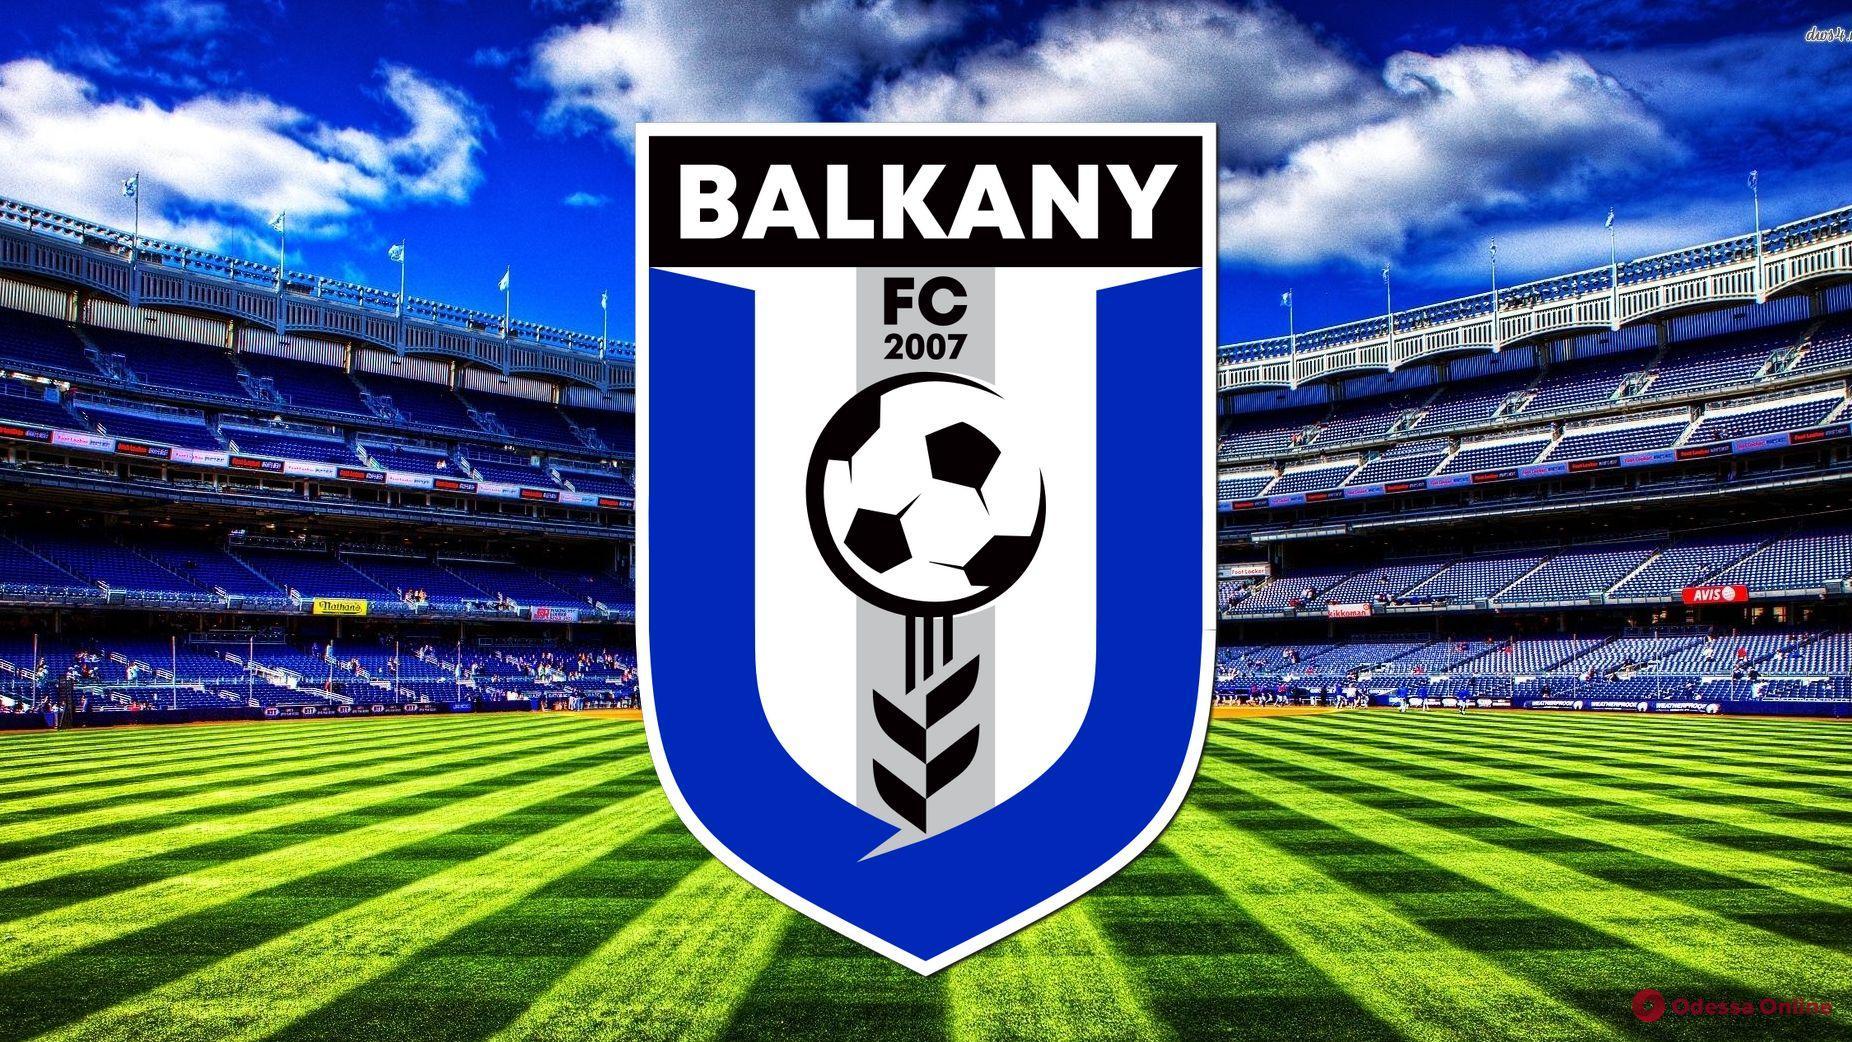 Футбол: зарянские «Балканы» проиграли лидеру, установив уникальное достижение